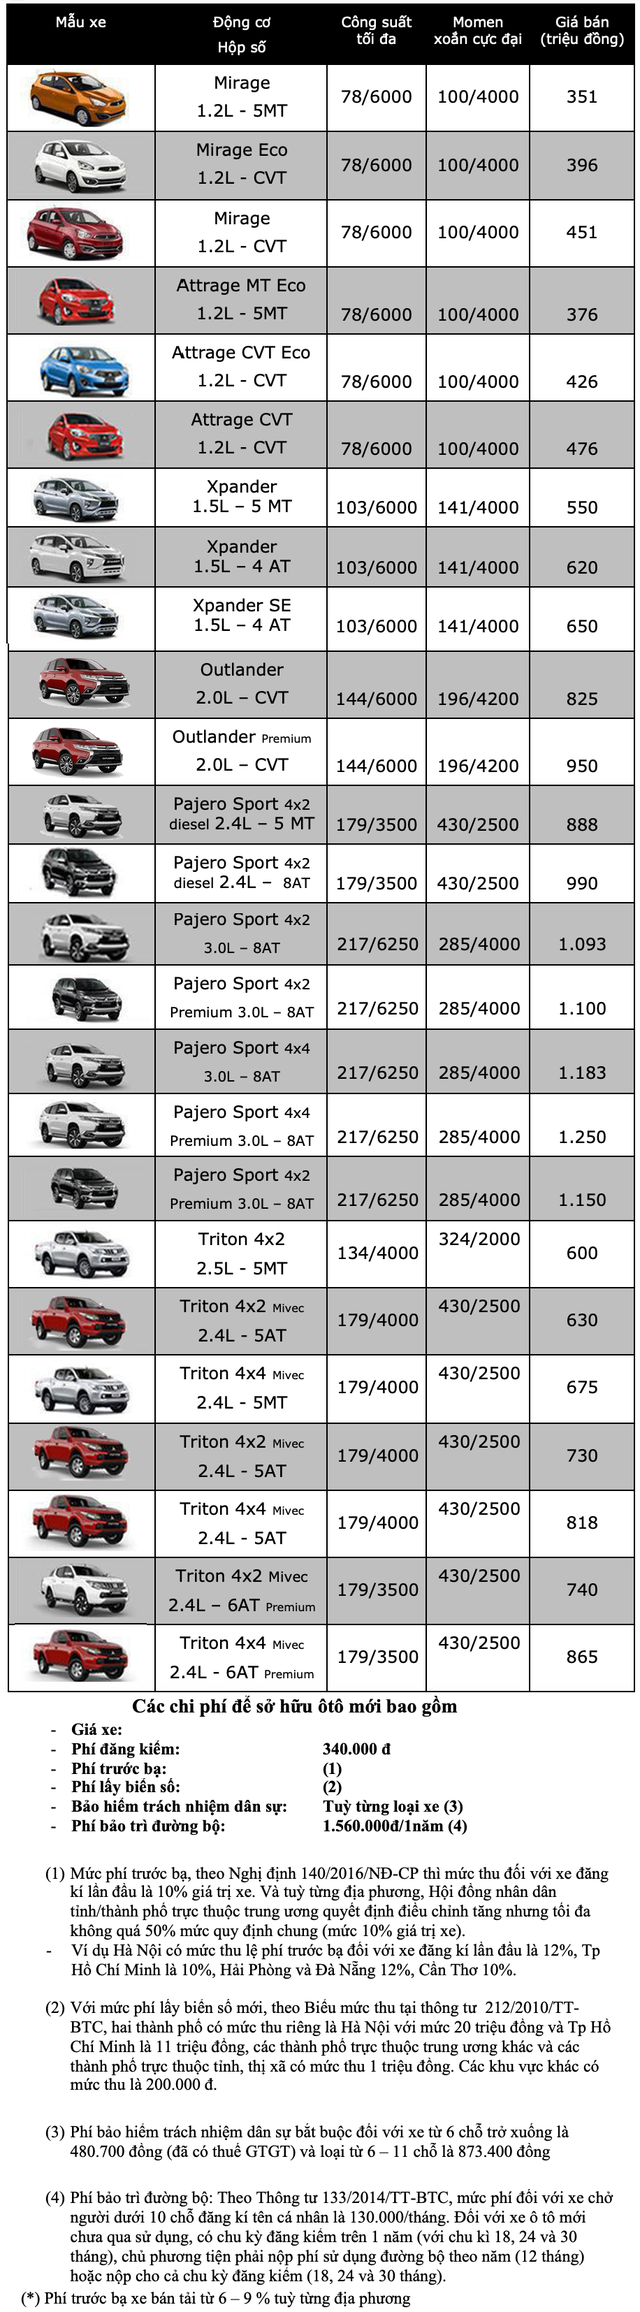 Mitsubishi Outlander 2020 chỉ còn bản 2.0L, giá từ 825 triệu đồng - 3